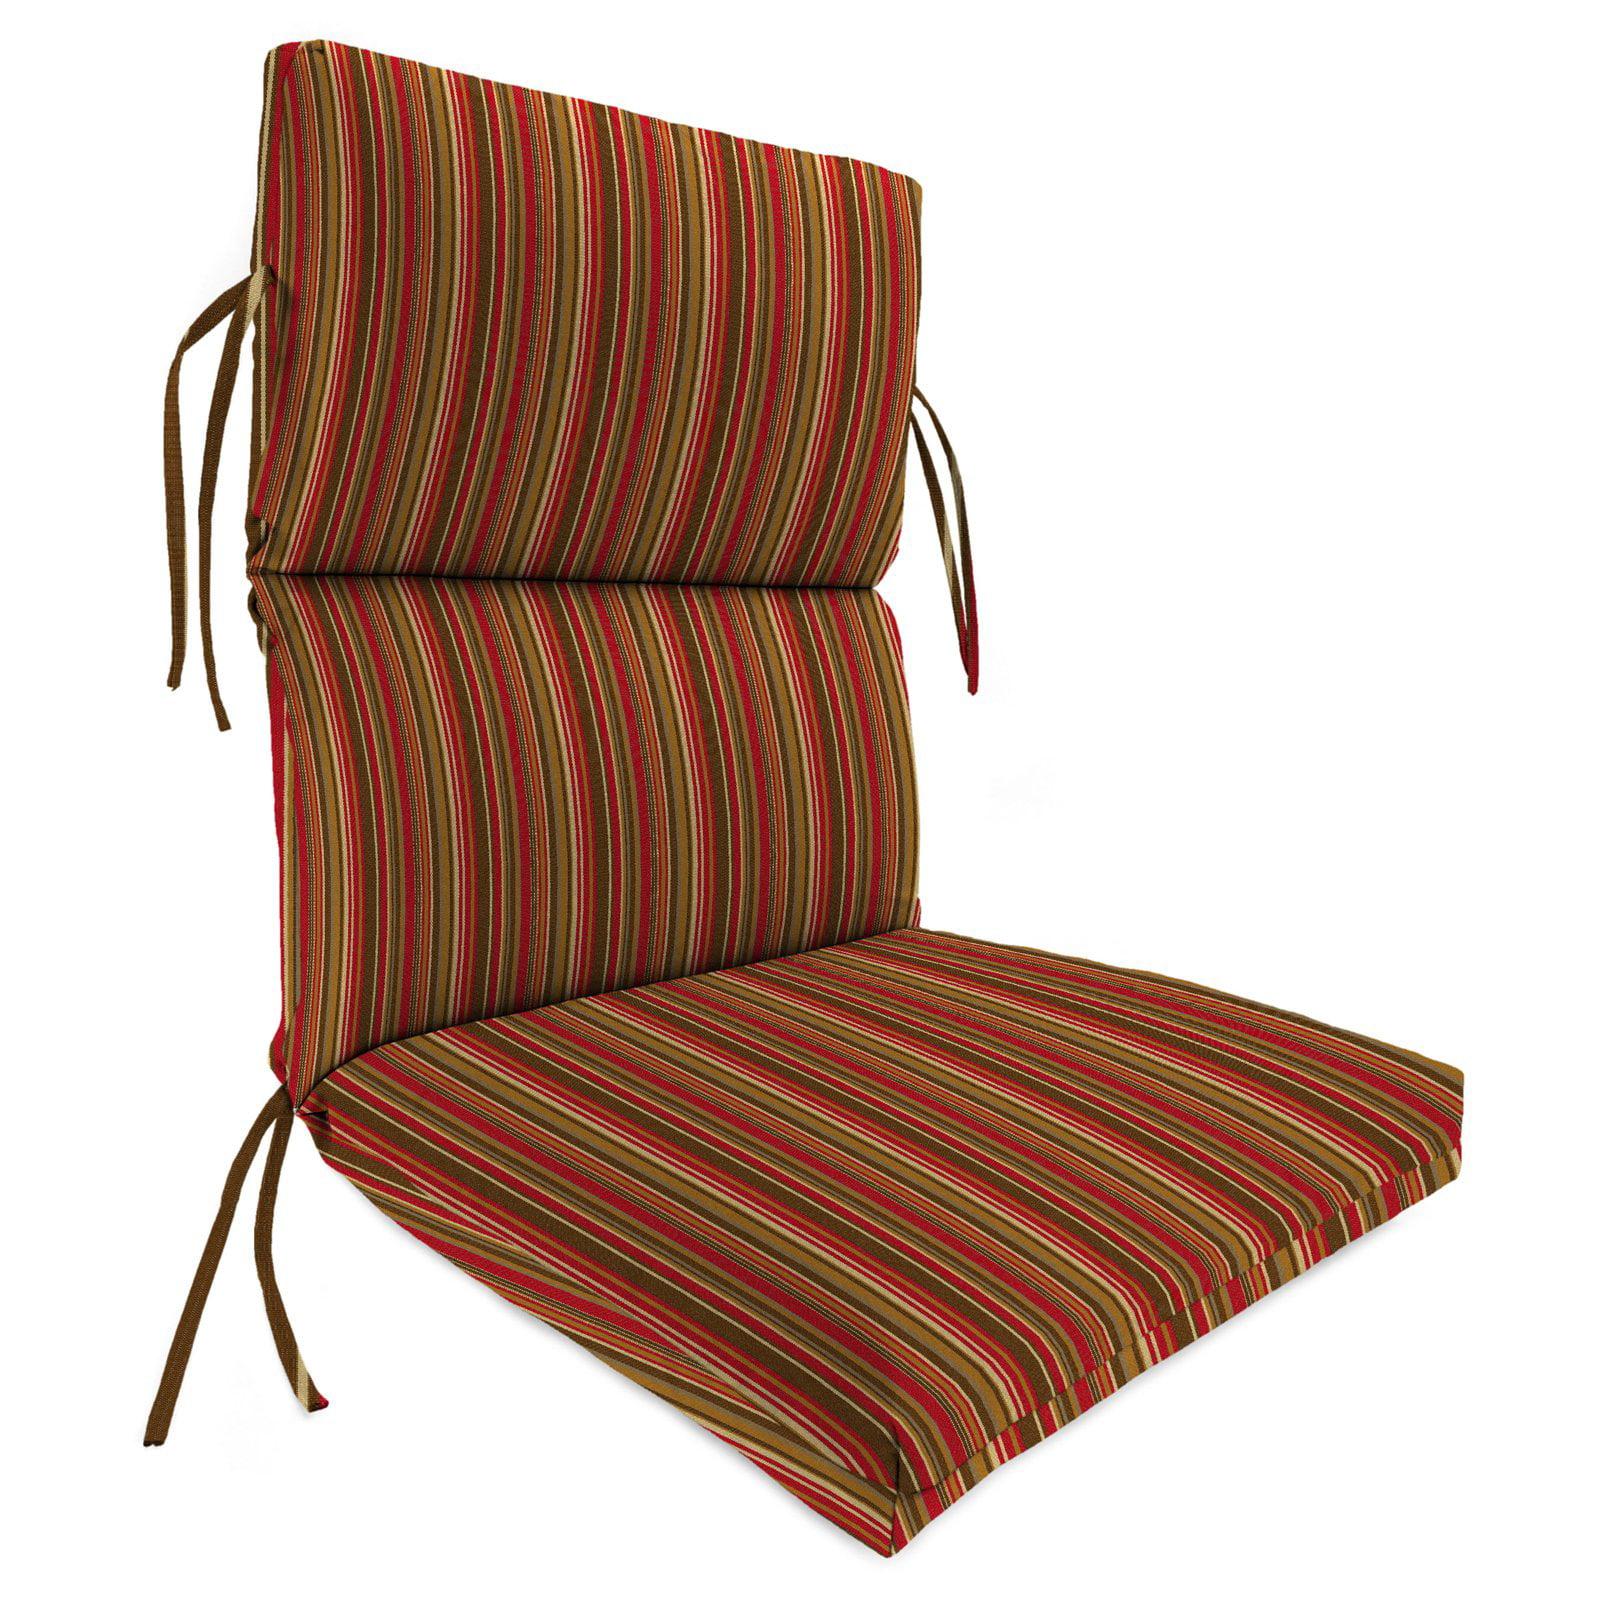 Jordan Manufacturing High Outdura Back 20 in. Dining Chair Cushion